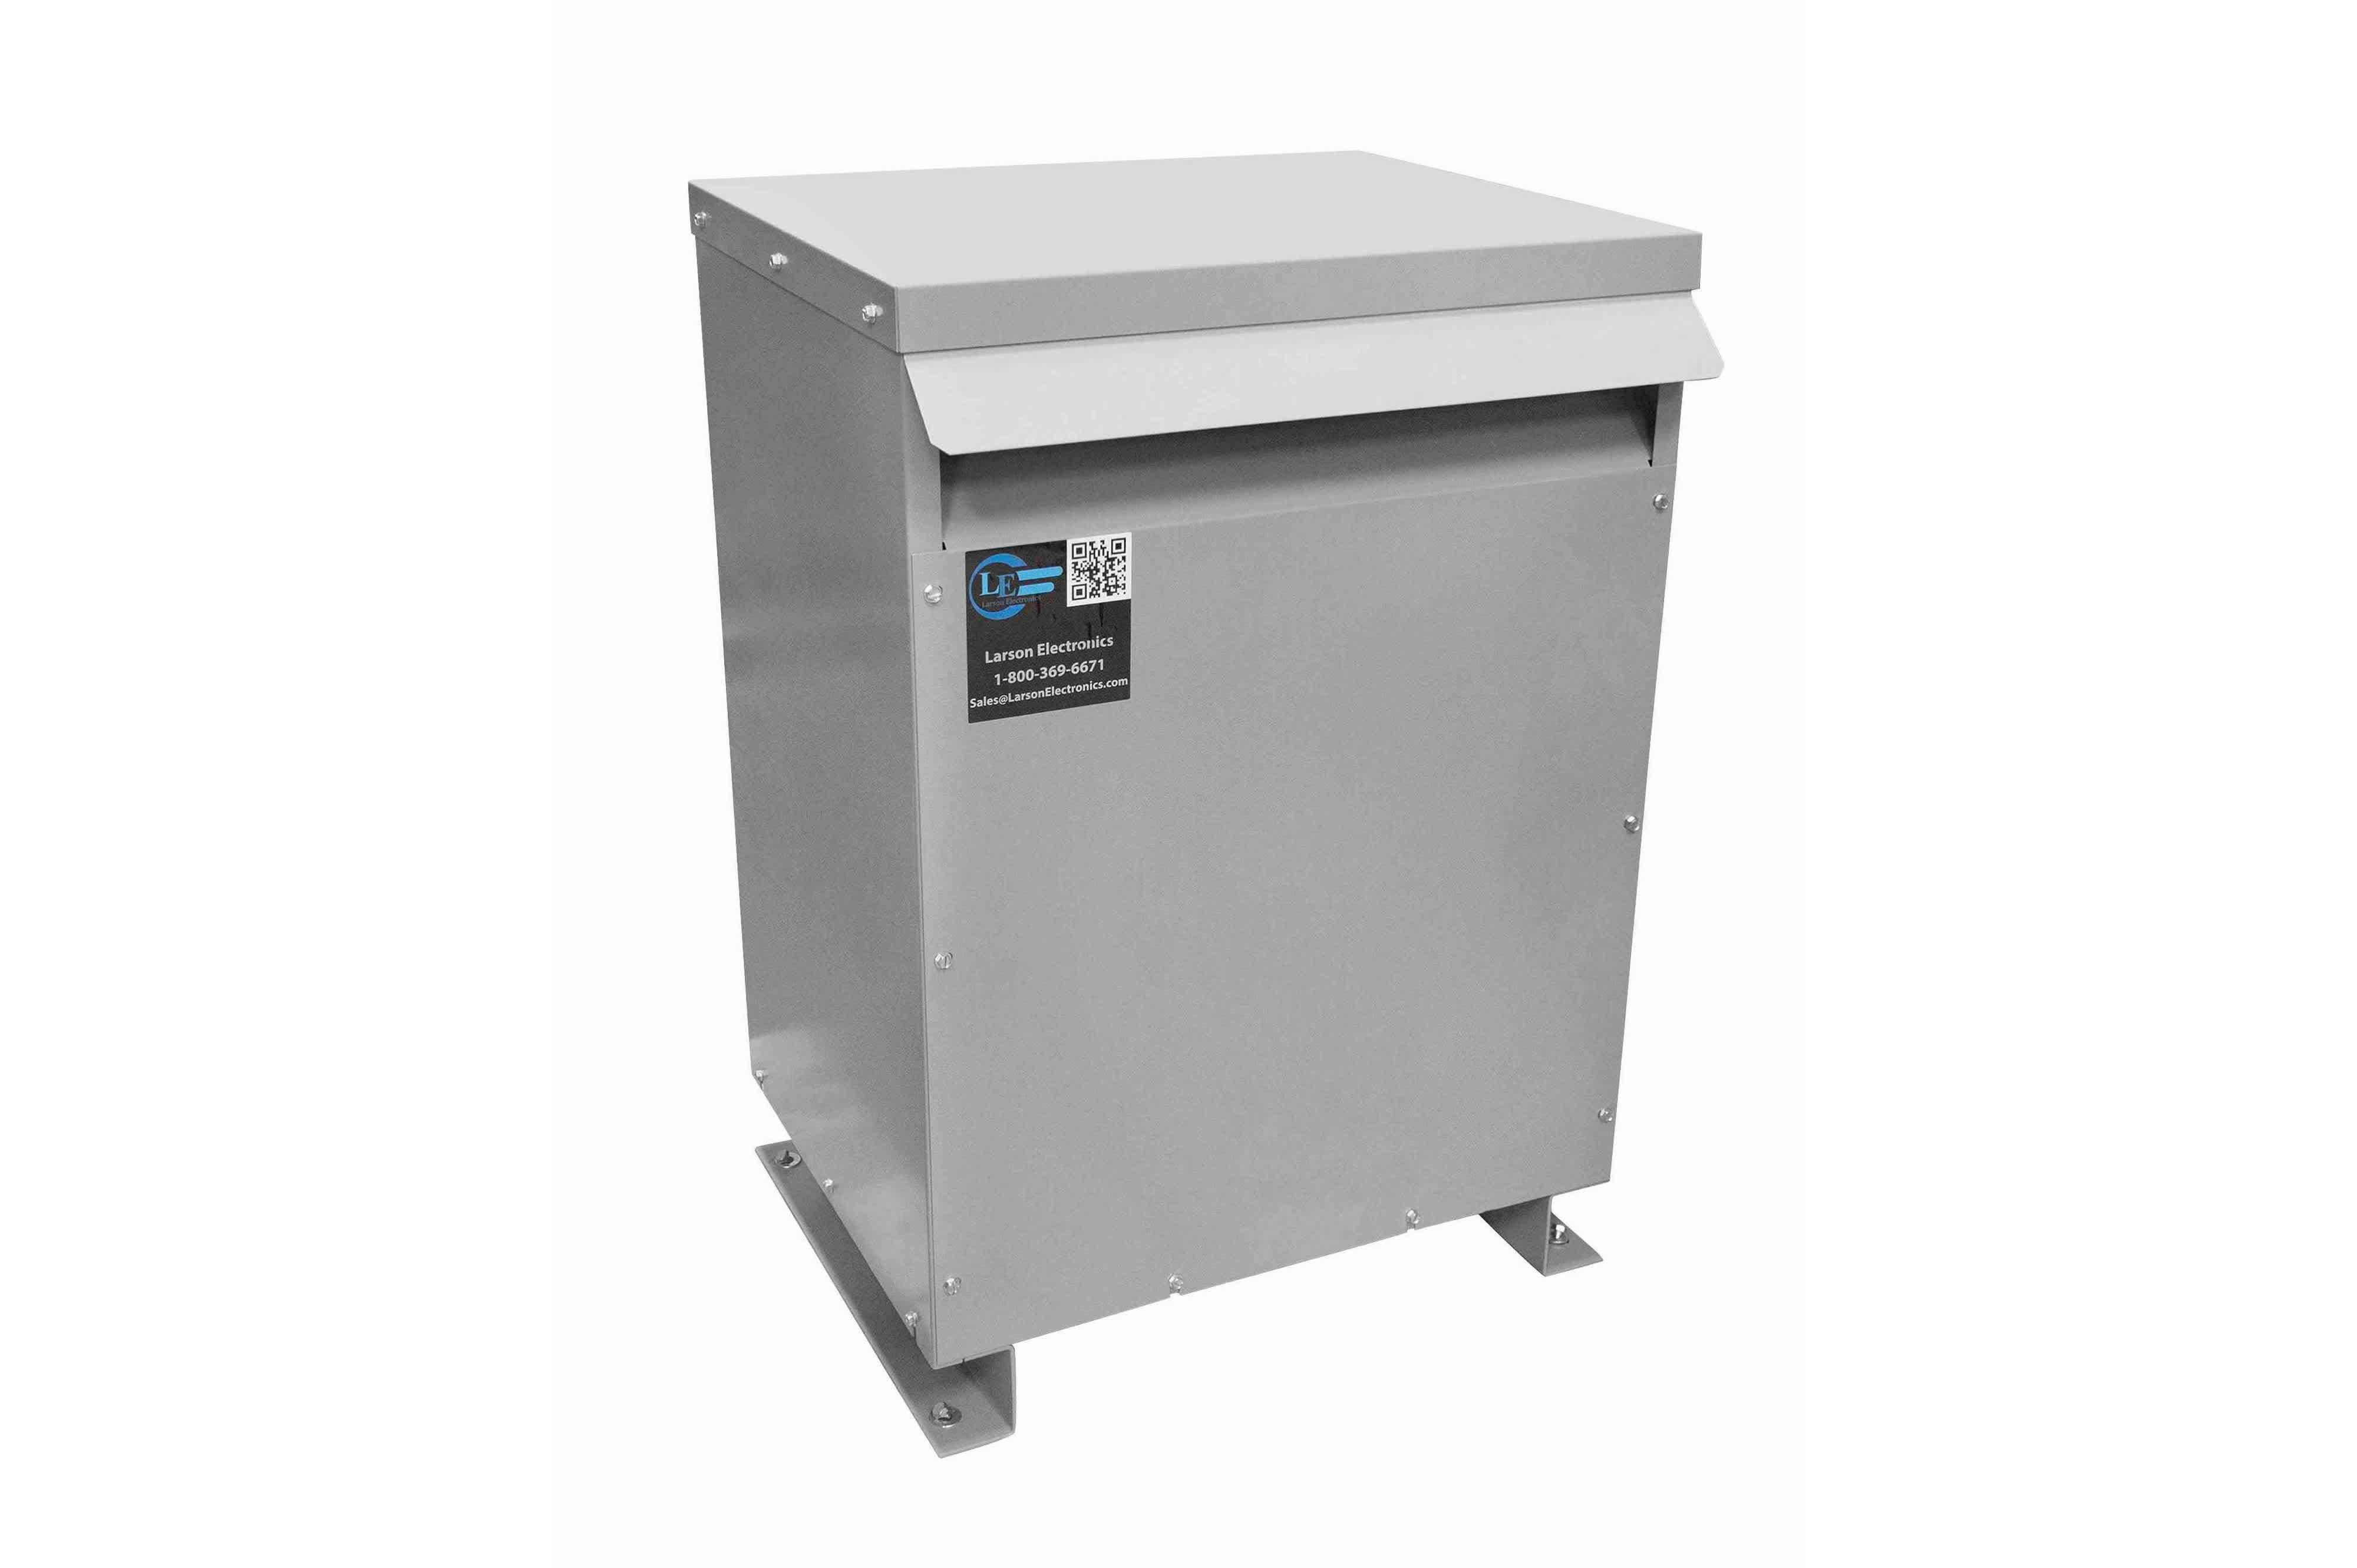 10 kVA 3PH Isolation Transformer, 480V Delta Primary, 480V Delta Secondary, N3R, Ventilated, 60 Hz